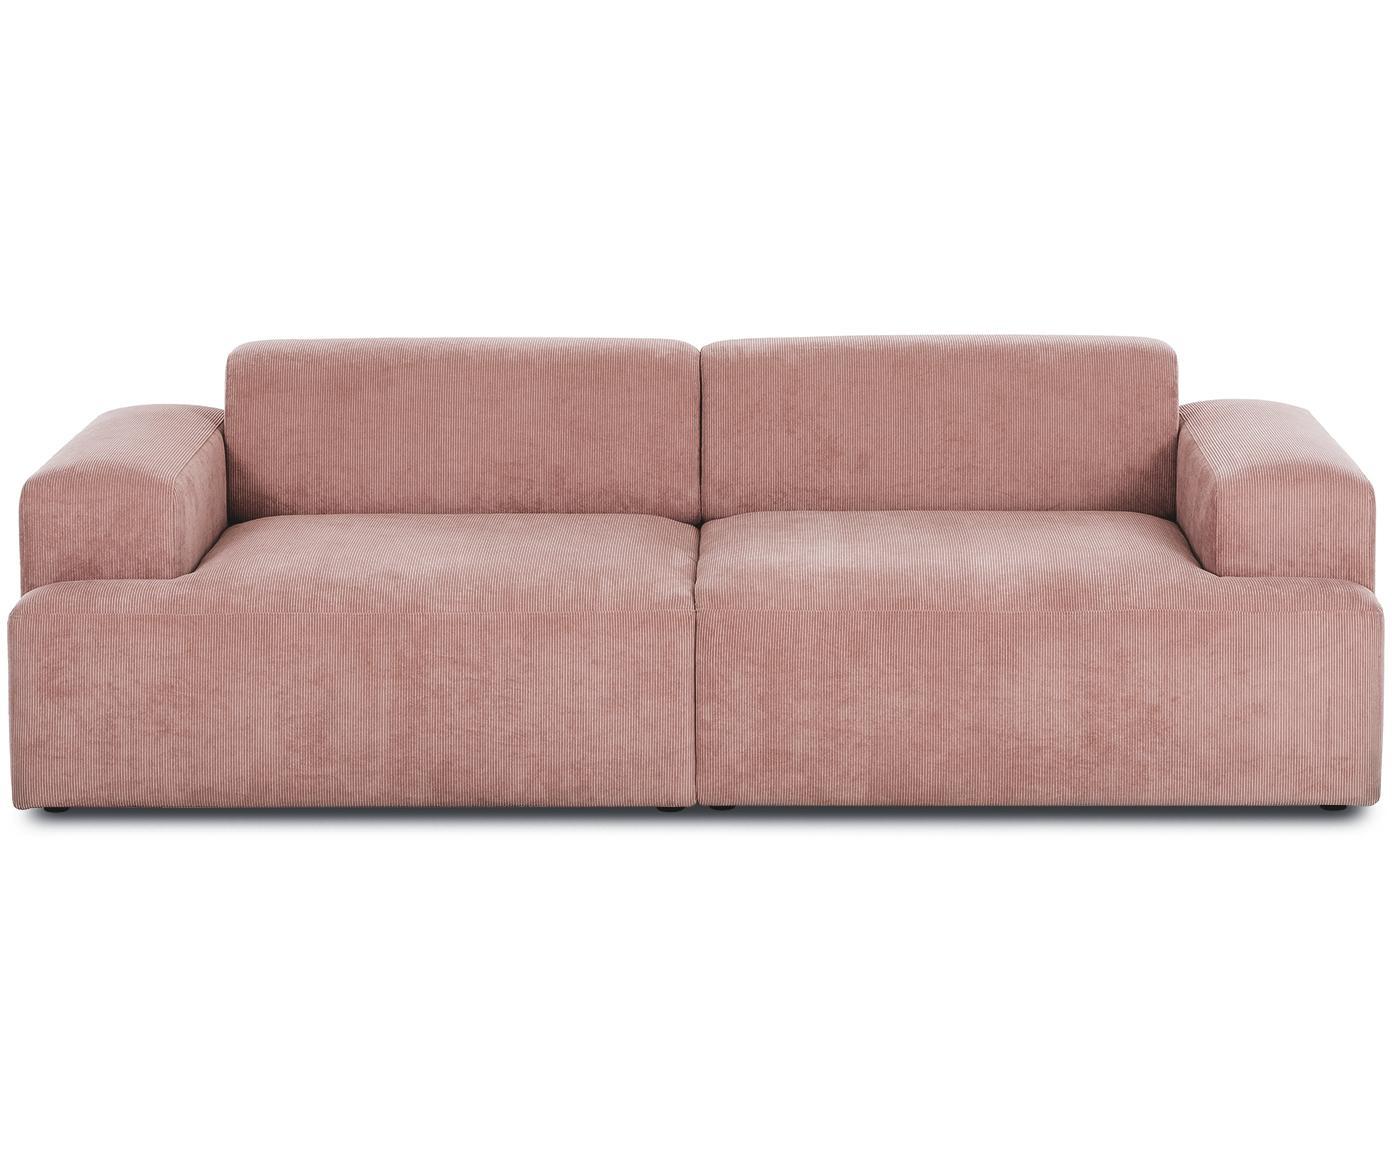 Sofa ze sztruksu Melva (3-osobowa), Tapicerka: sztruks (92% poliester, 8, Stelaż: lite drewno sosnowe, płyt, Nogi: drewno sosnowe, Sztruks blady różowy, S 240 x G 101 cm